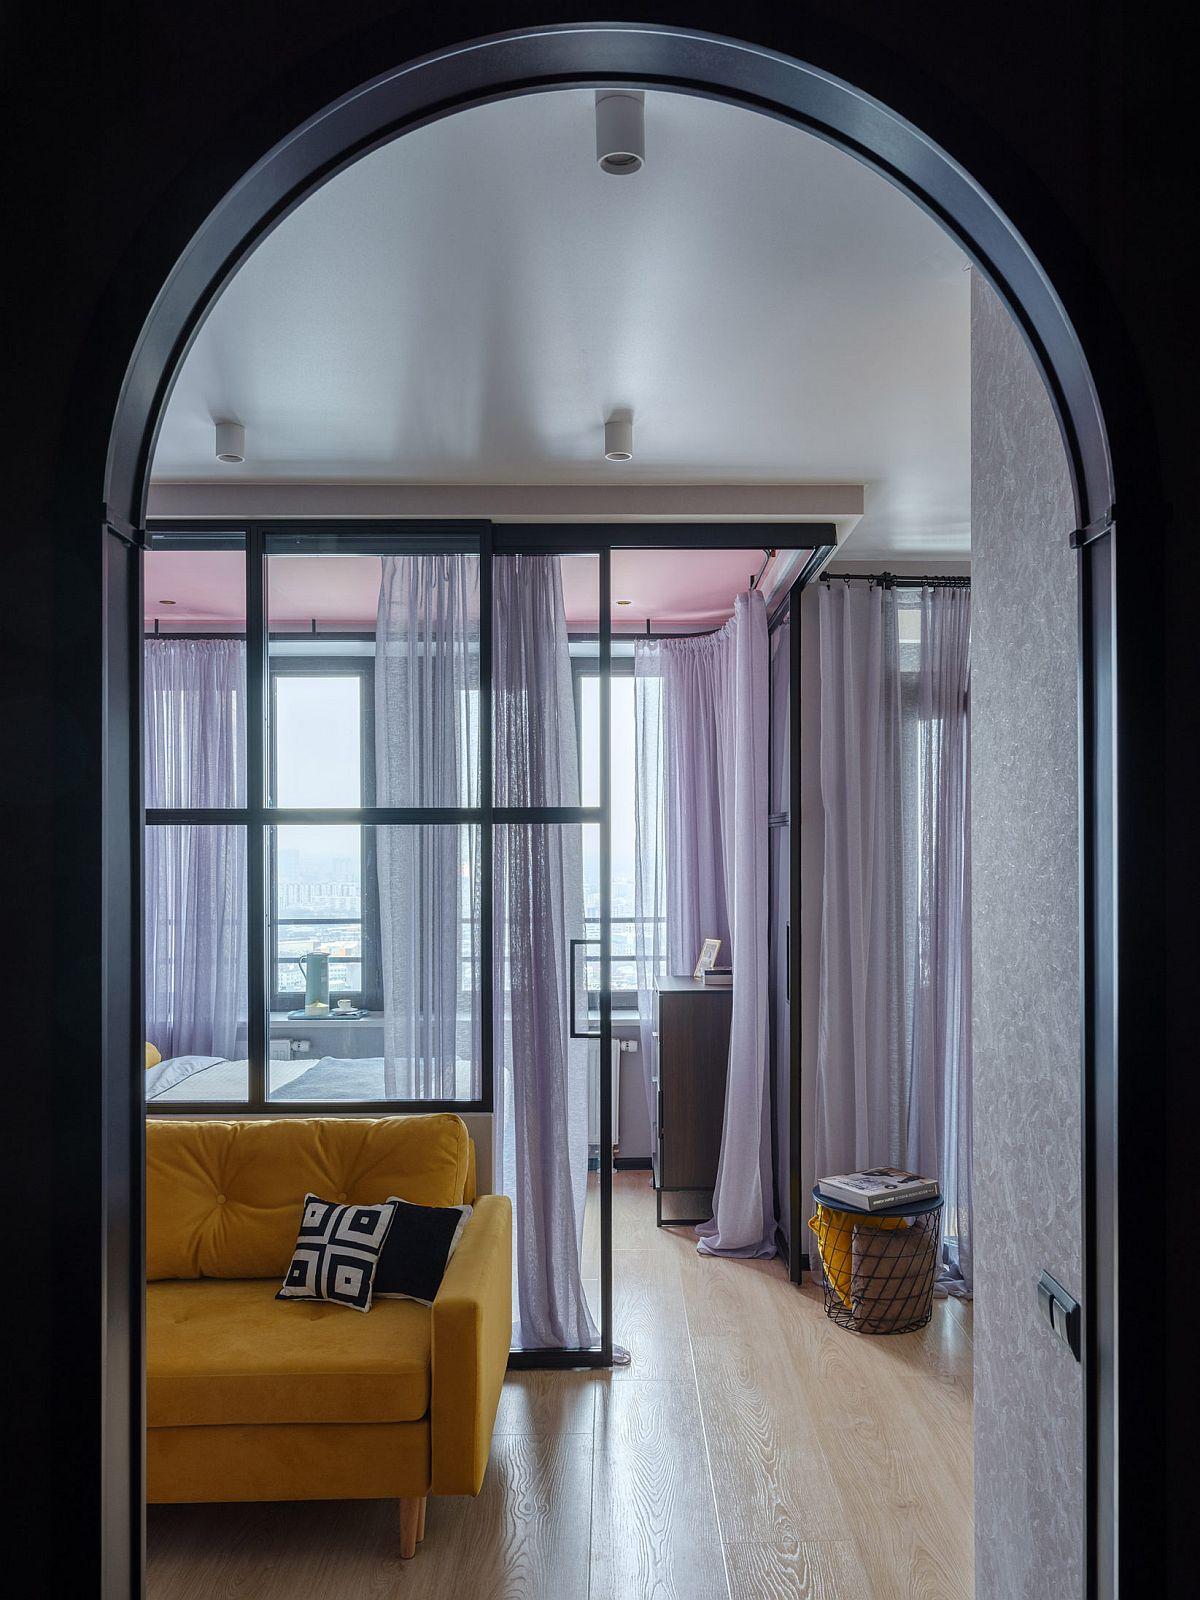 La intrarea în garsonieră spațiul dintre micul hol de intrare și cameră nu este separat cu ușă, în schimb o arcadă lasă lumina naturală dinspre ferestre să pătrundă către ușa de acces a locuinței. Faptul că pe o latură întreagă a garsonierei sunt ferestre a pus mari probleme designerilor pentru acomodarea pieselor de mobilier înalte pentru a nu obtura din lumina naturală.